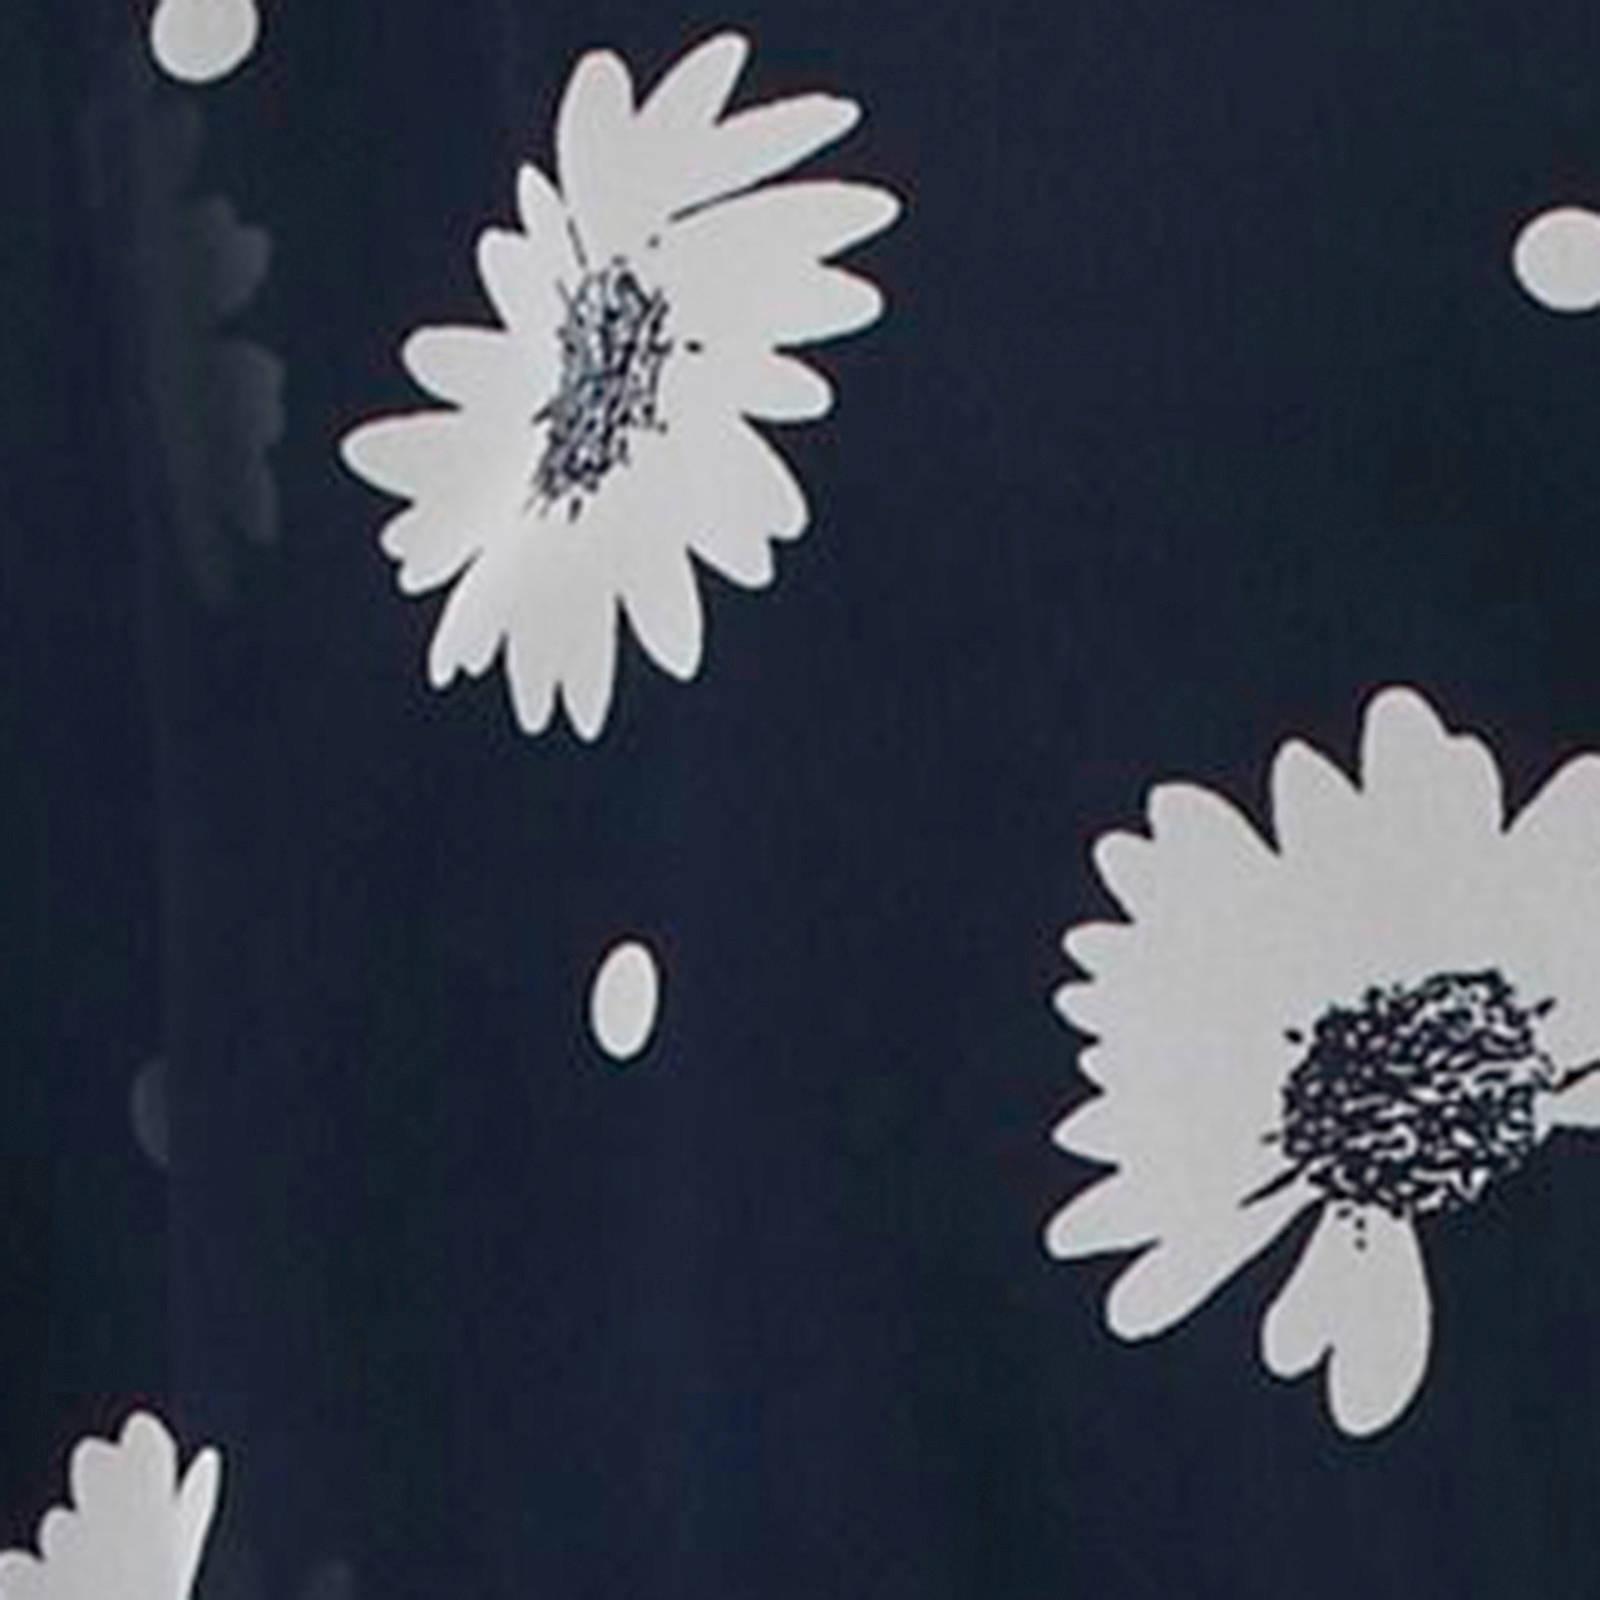 FEMME jurk met FEMME bloemen jurk met SELECTED bloemen SELECTED SELECTED YnvxqSf7w